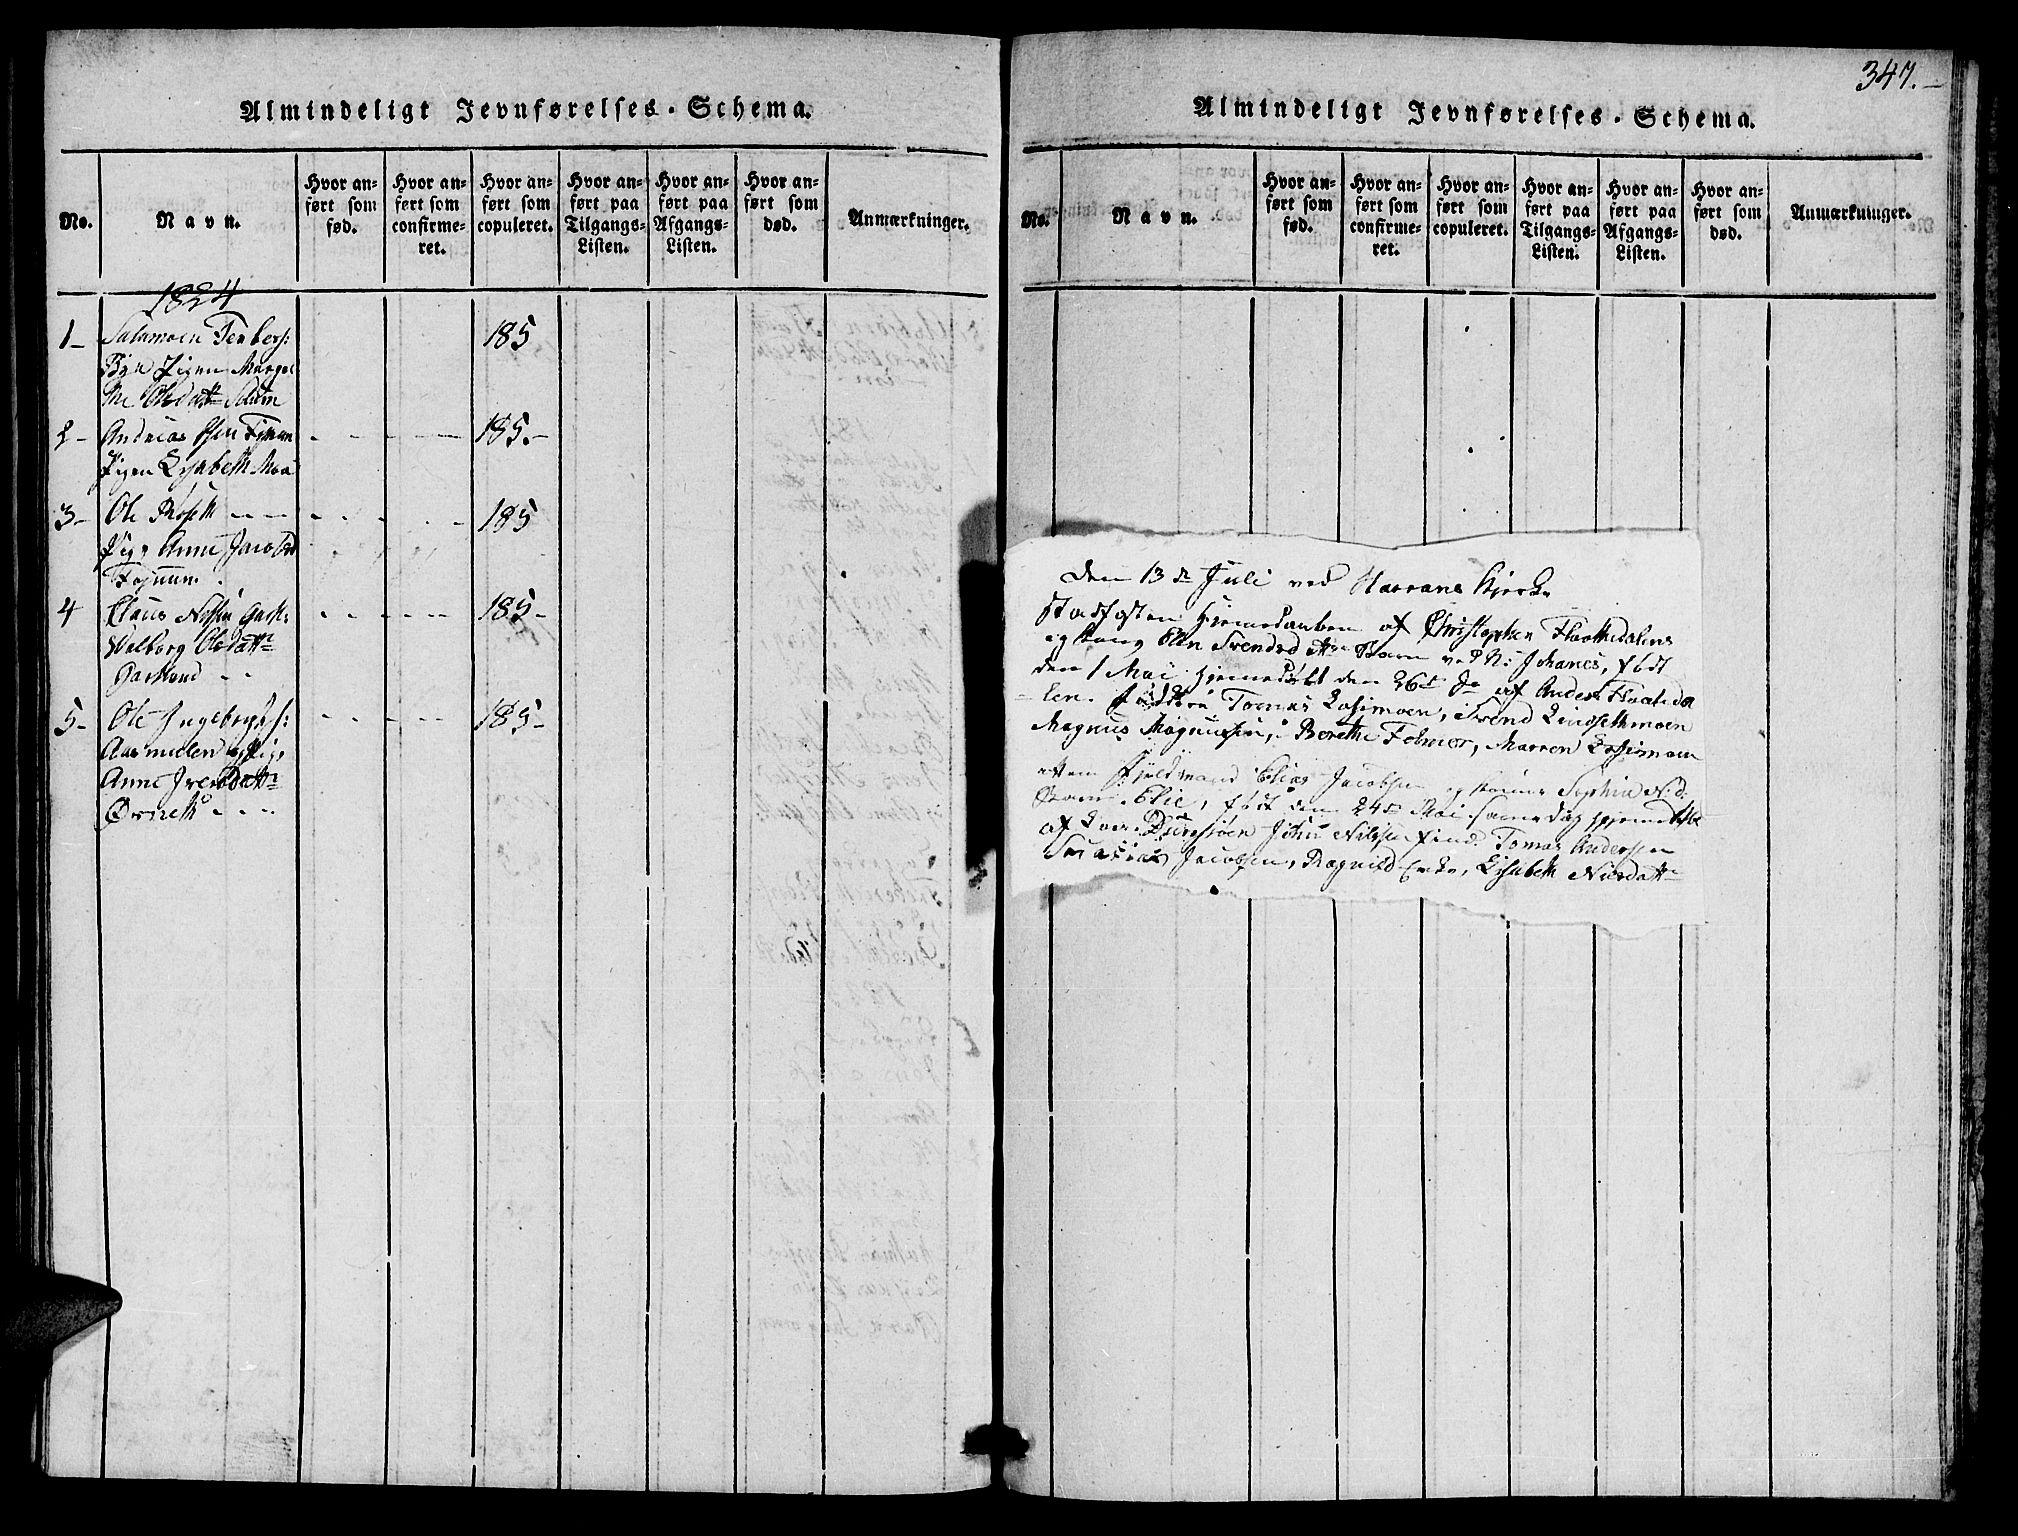 SAT, Ministerialprotokoller, klokkerbøker og fødselsregistre - Nord-Trøndelag, 759/L0527: Klokkerbok nr. 759C01 /1, 1816-1825, s. 347